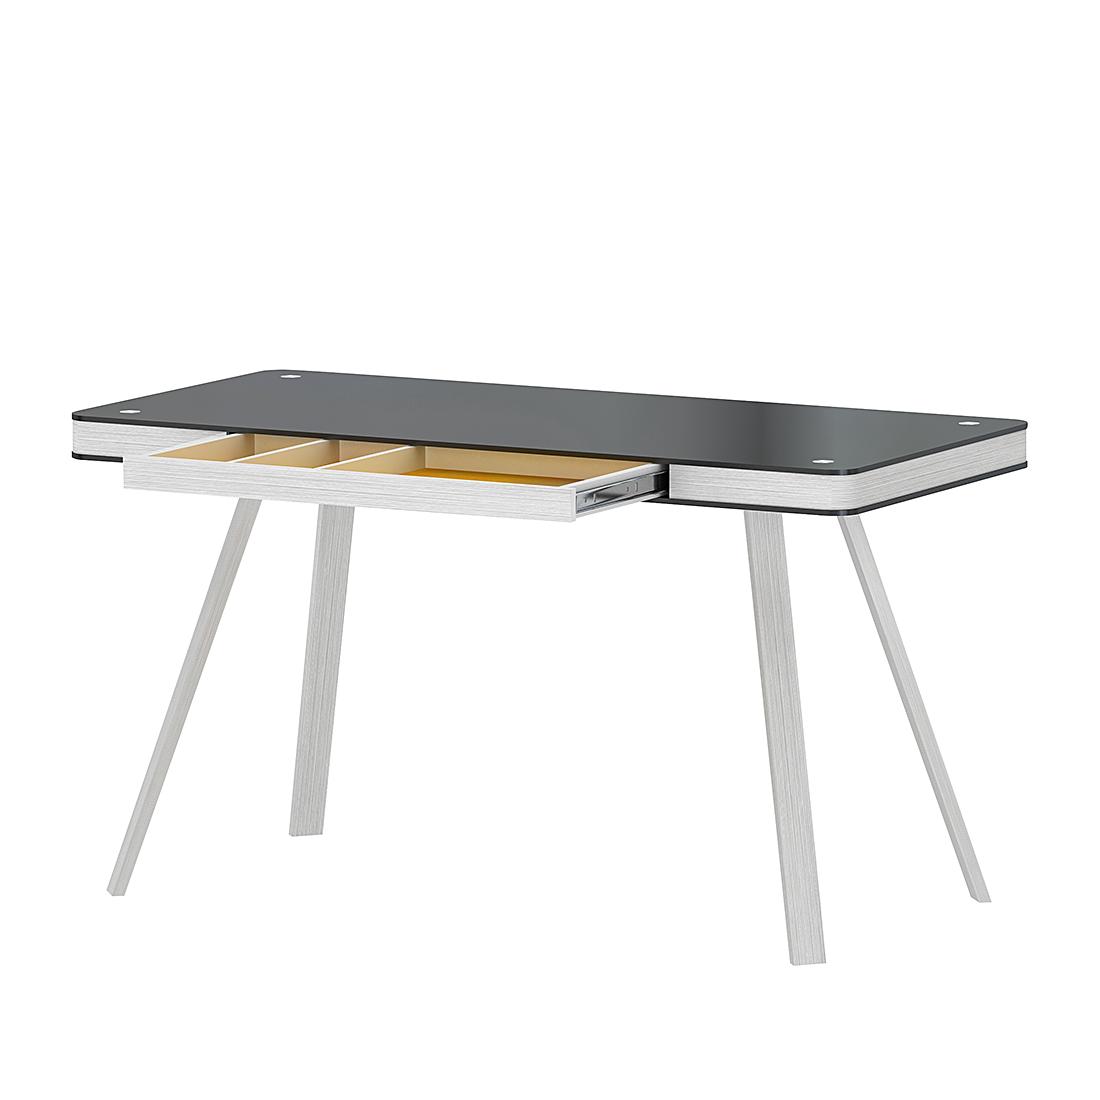 jahnke bureau smart desk wit glas 120 x 60 cm aanbieding kopen. Black Bedroom Furniture Sets. Home Design Ideas